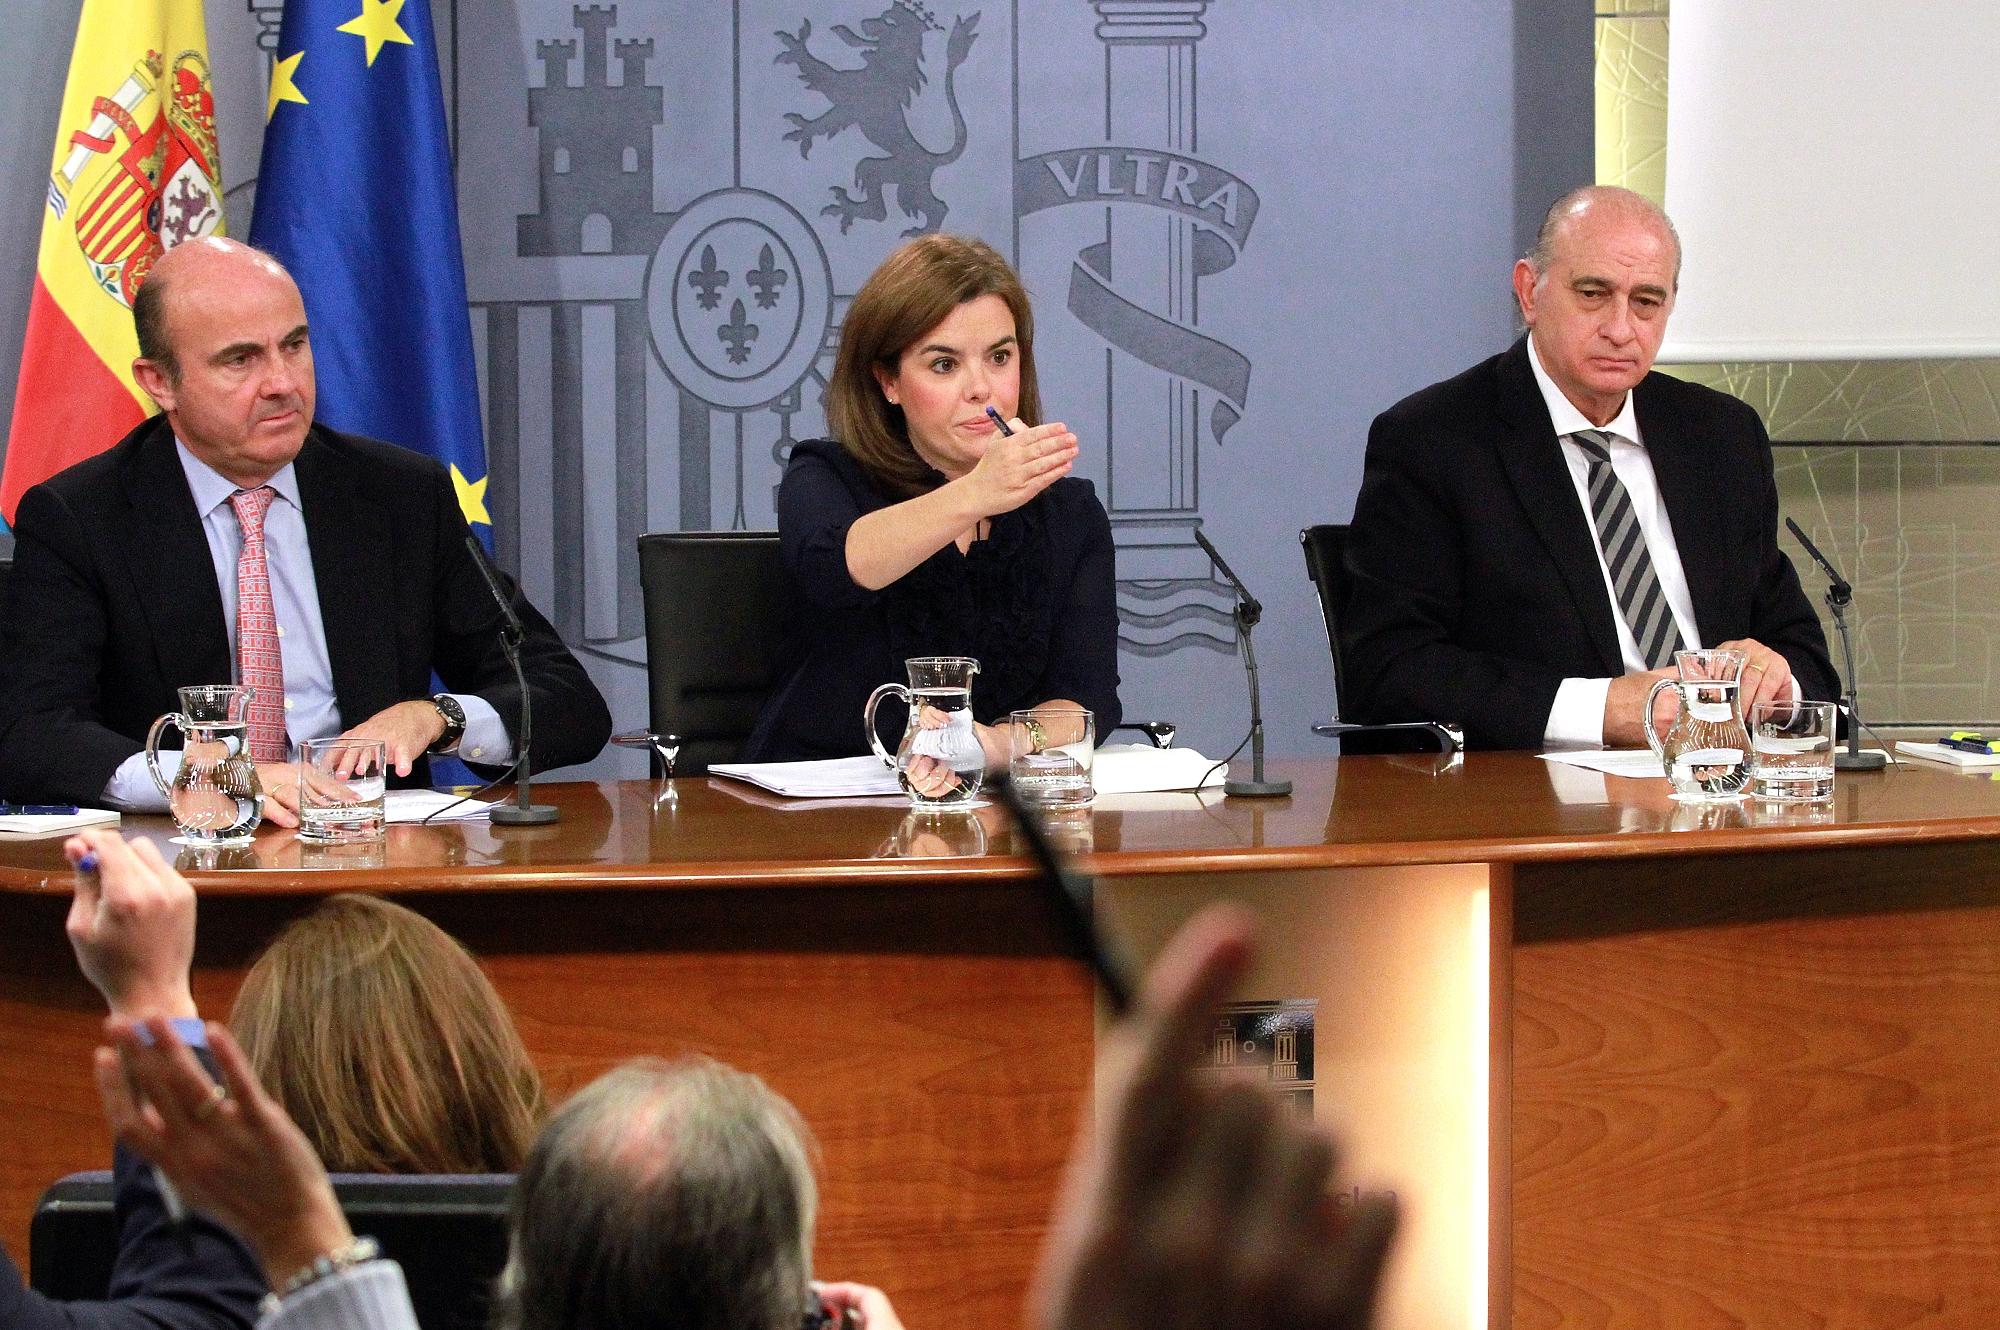 Rueda de prensa del Consejo de Ministros, Moncloa, 29.11.2013